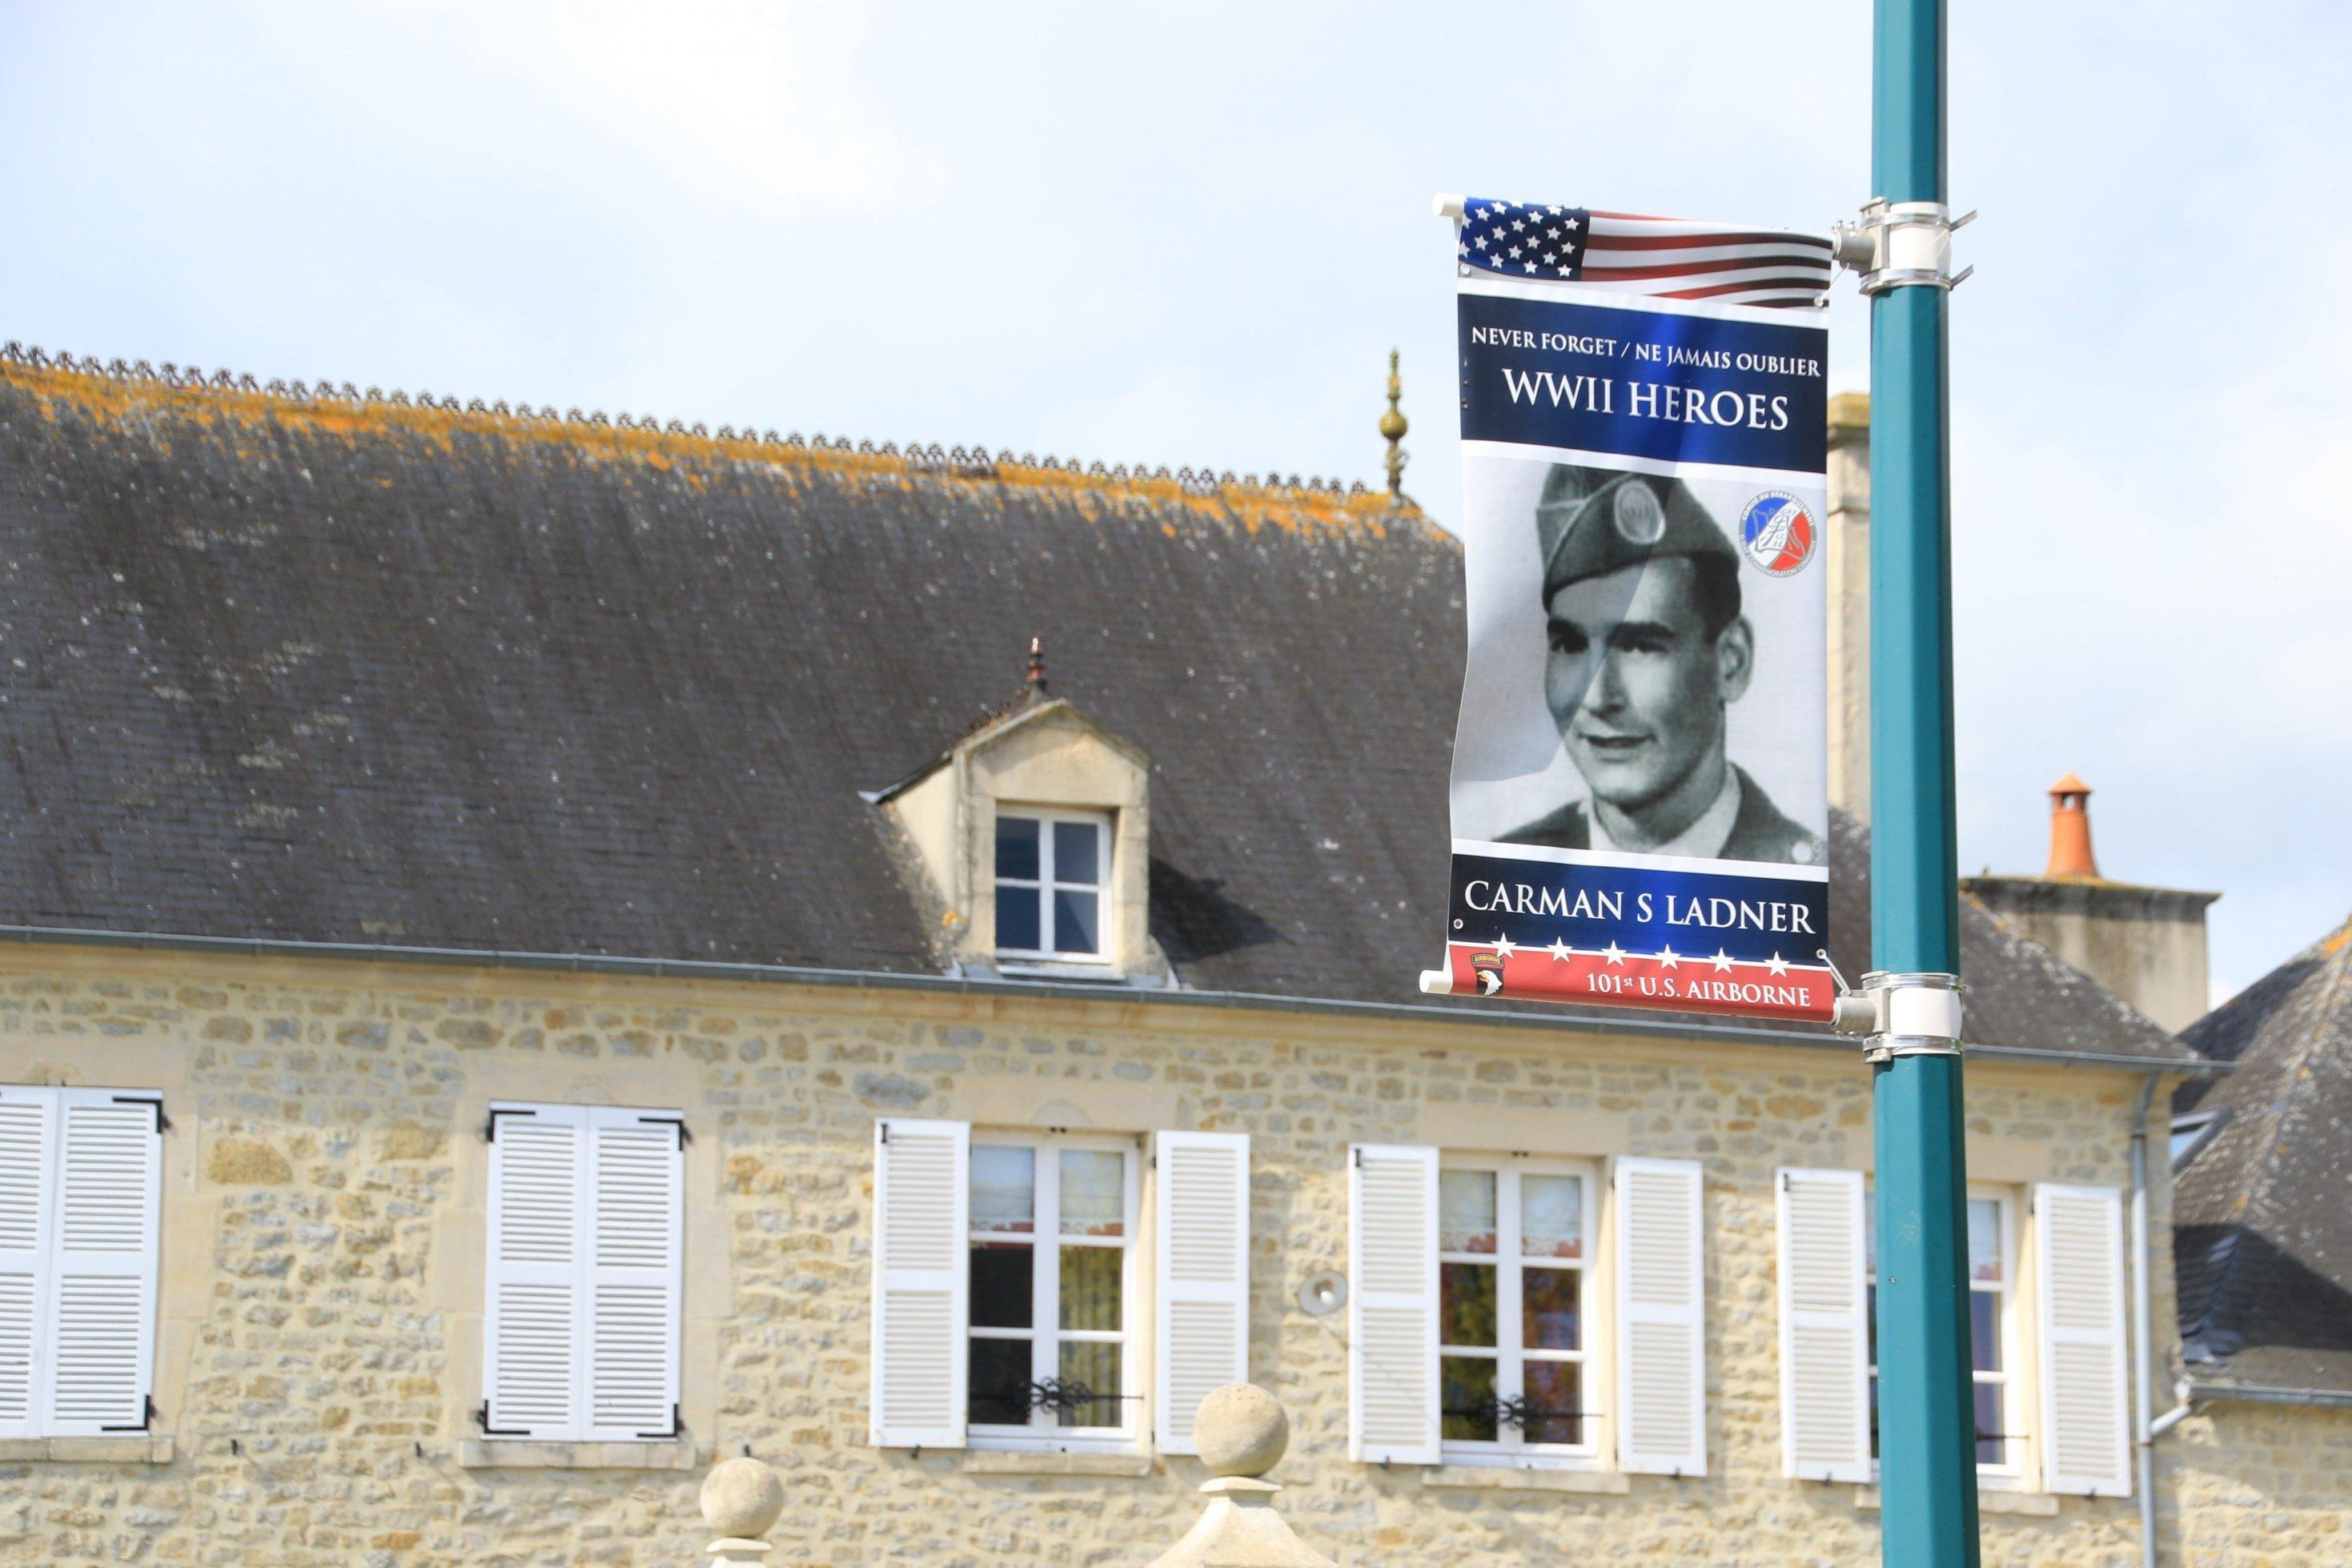 Ein Plakat erinnert an einen gefallenen Soldaten.